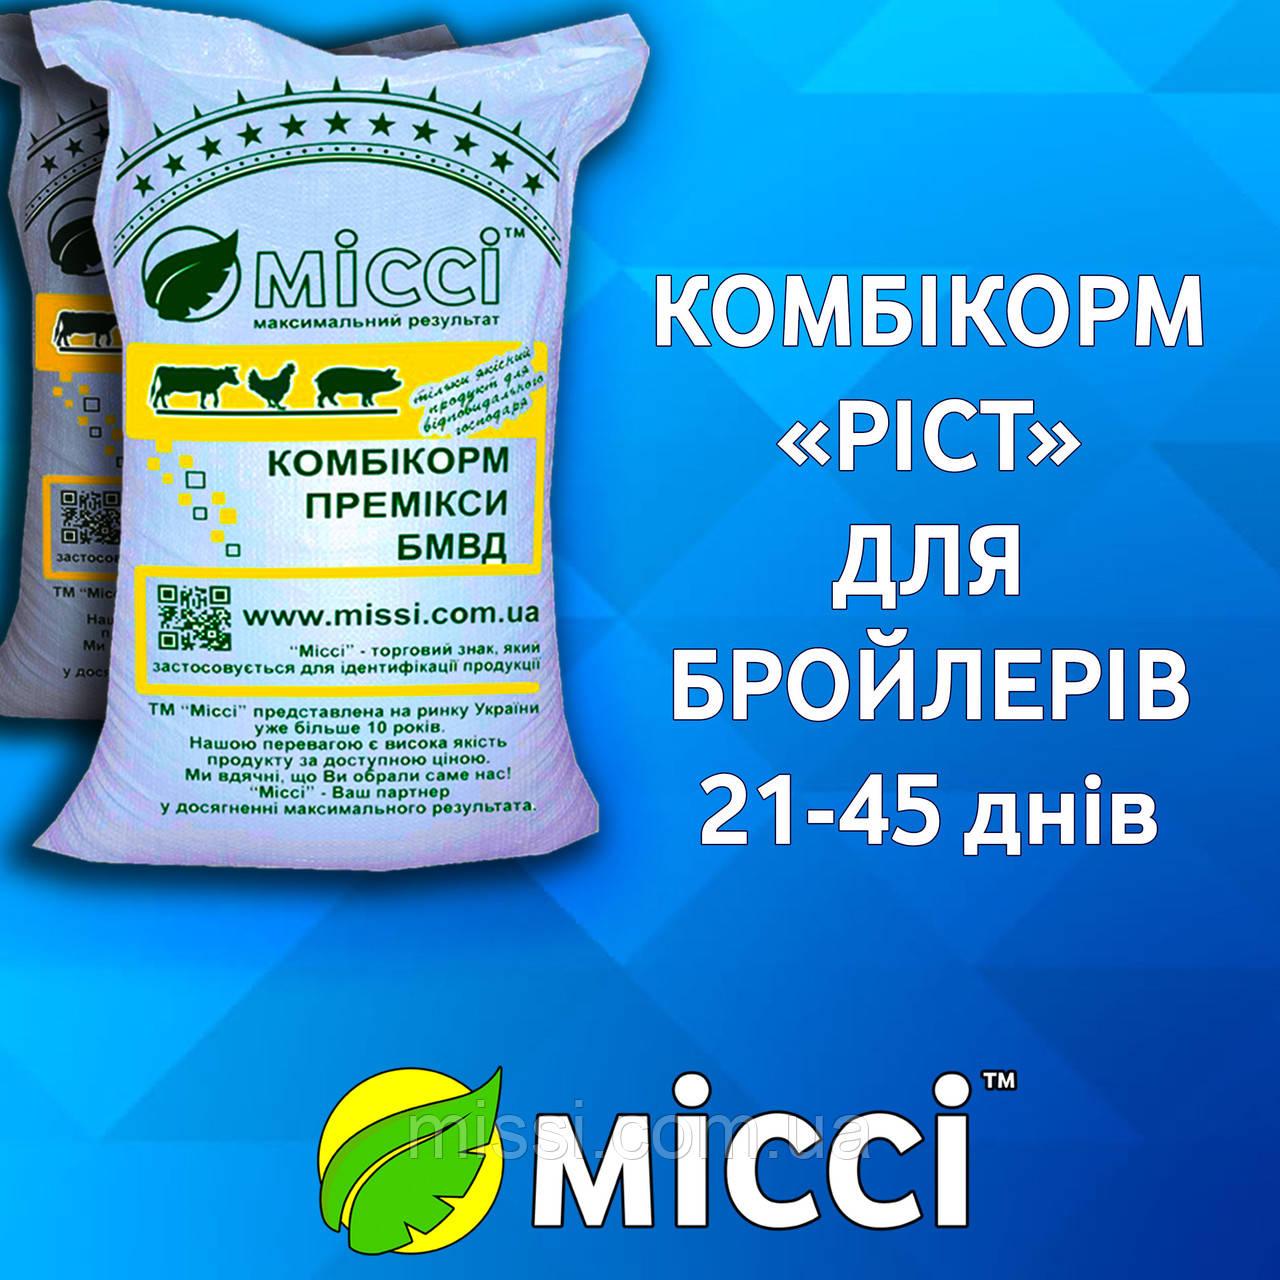 Комбікорм для бройлерів РІСТ (21-45 днів), 25 кг, Міссі